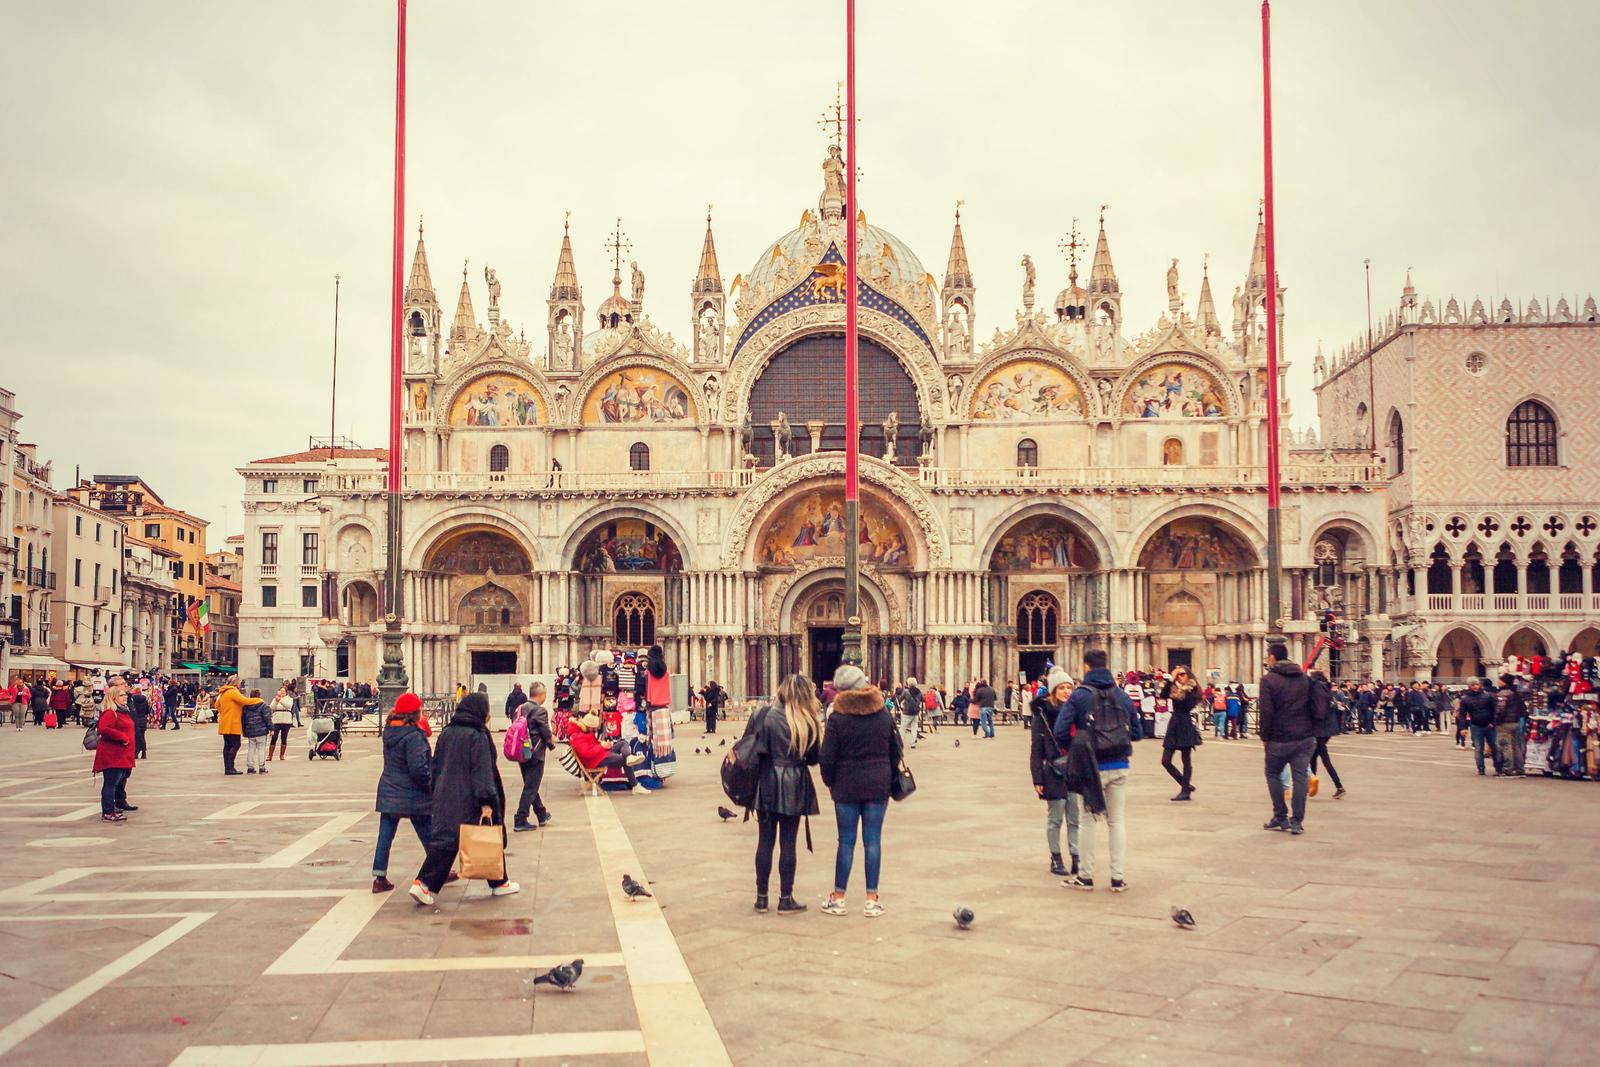 意大利威尼斯圣马可大教堂(St Mark's Basilica), 很出名